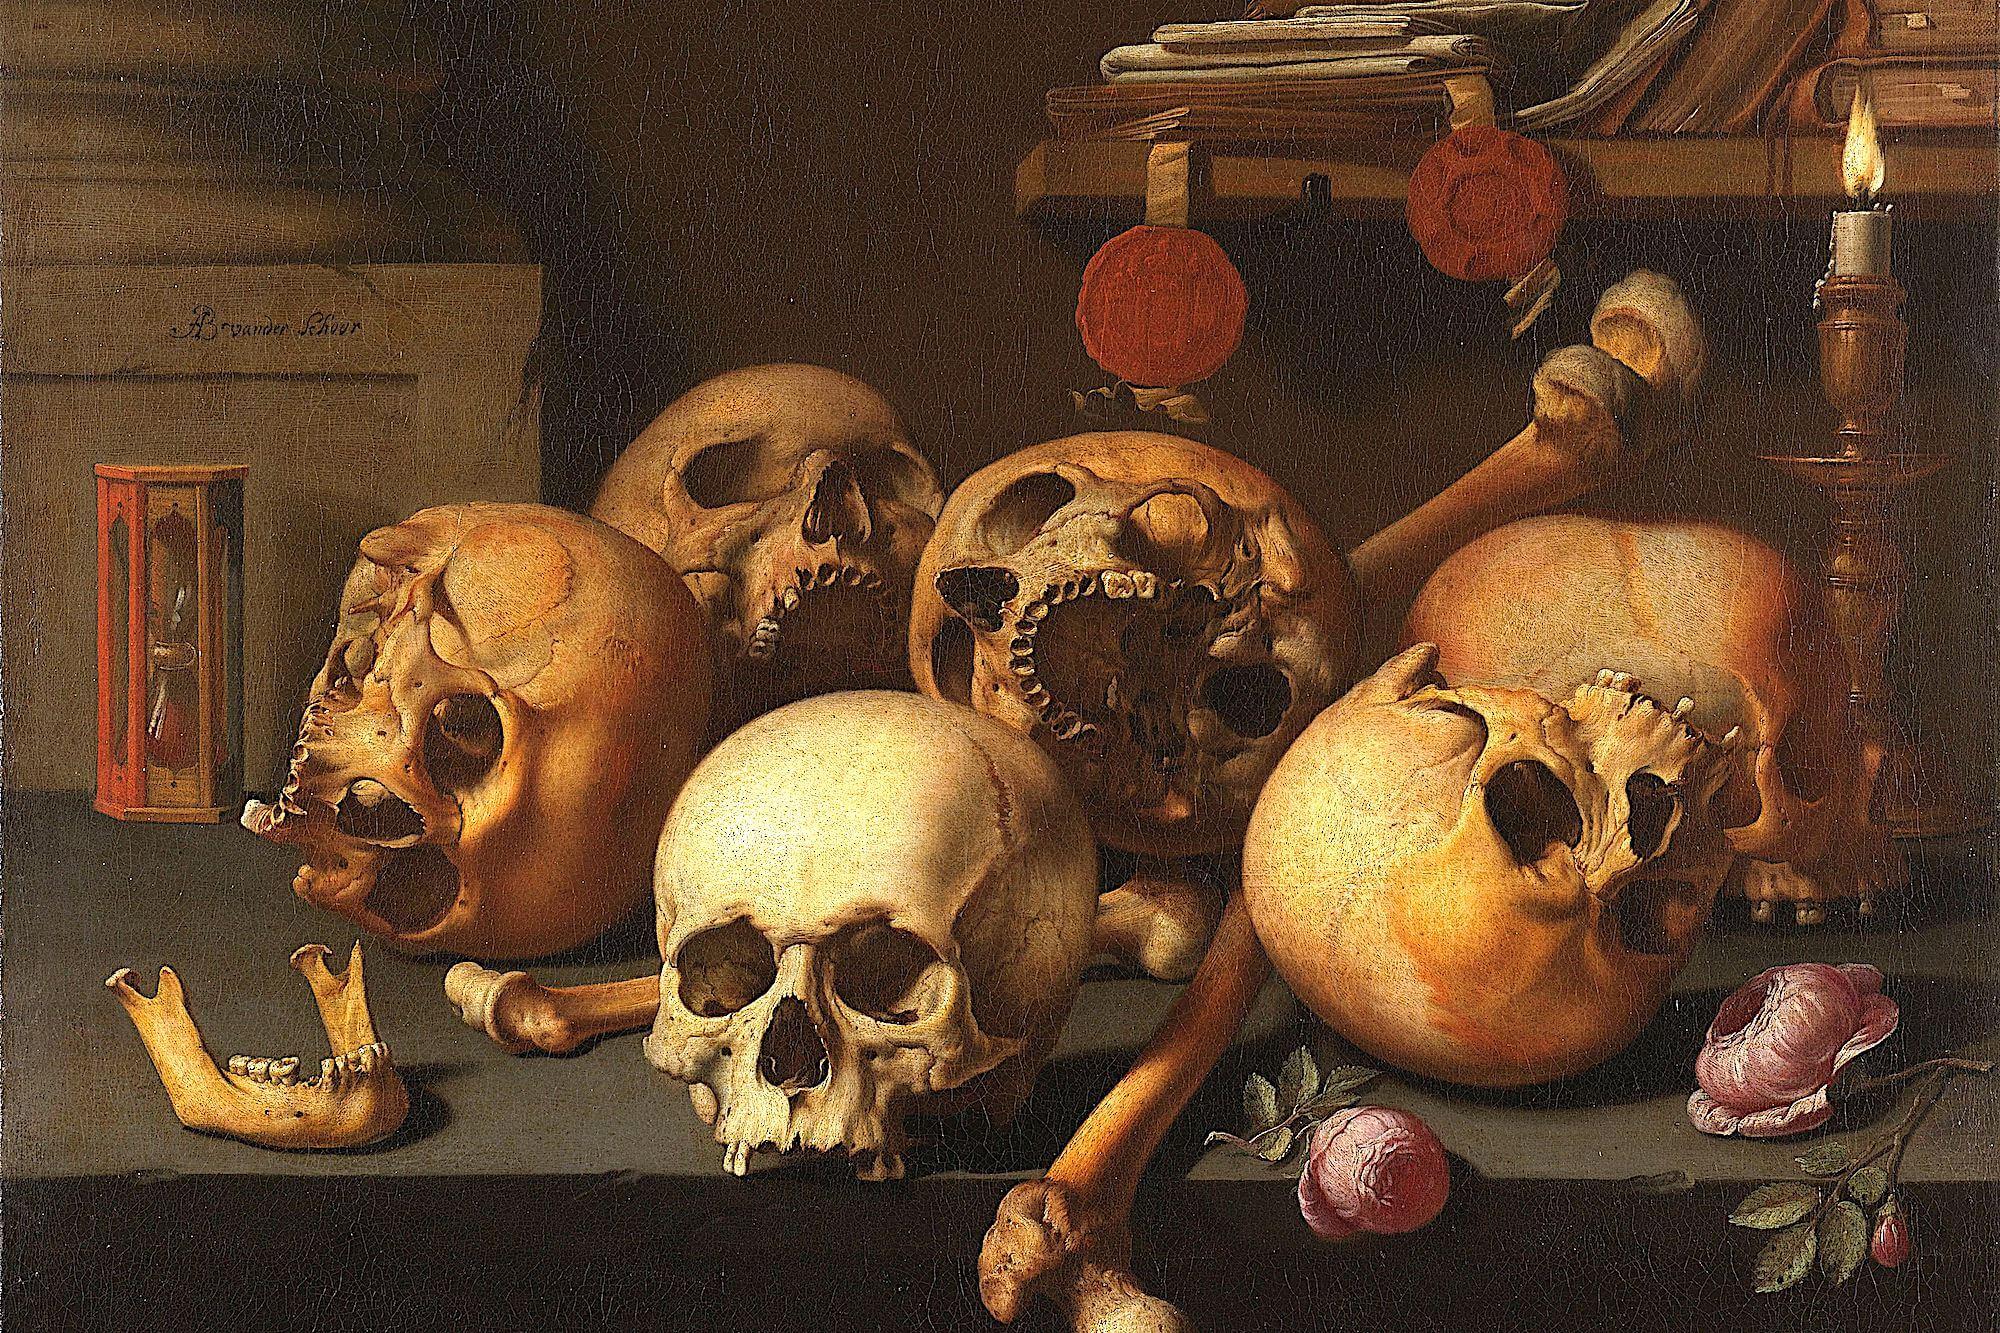 Das Museum Sammlung Friedhof Hörnli dokumentiert mit seinen Objekten zur Sepulkralkultur den Umgang mit dem Tod im Raum Basel.